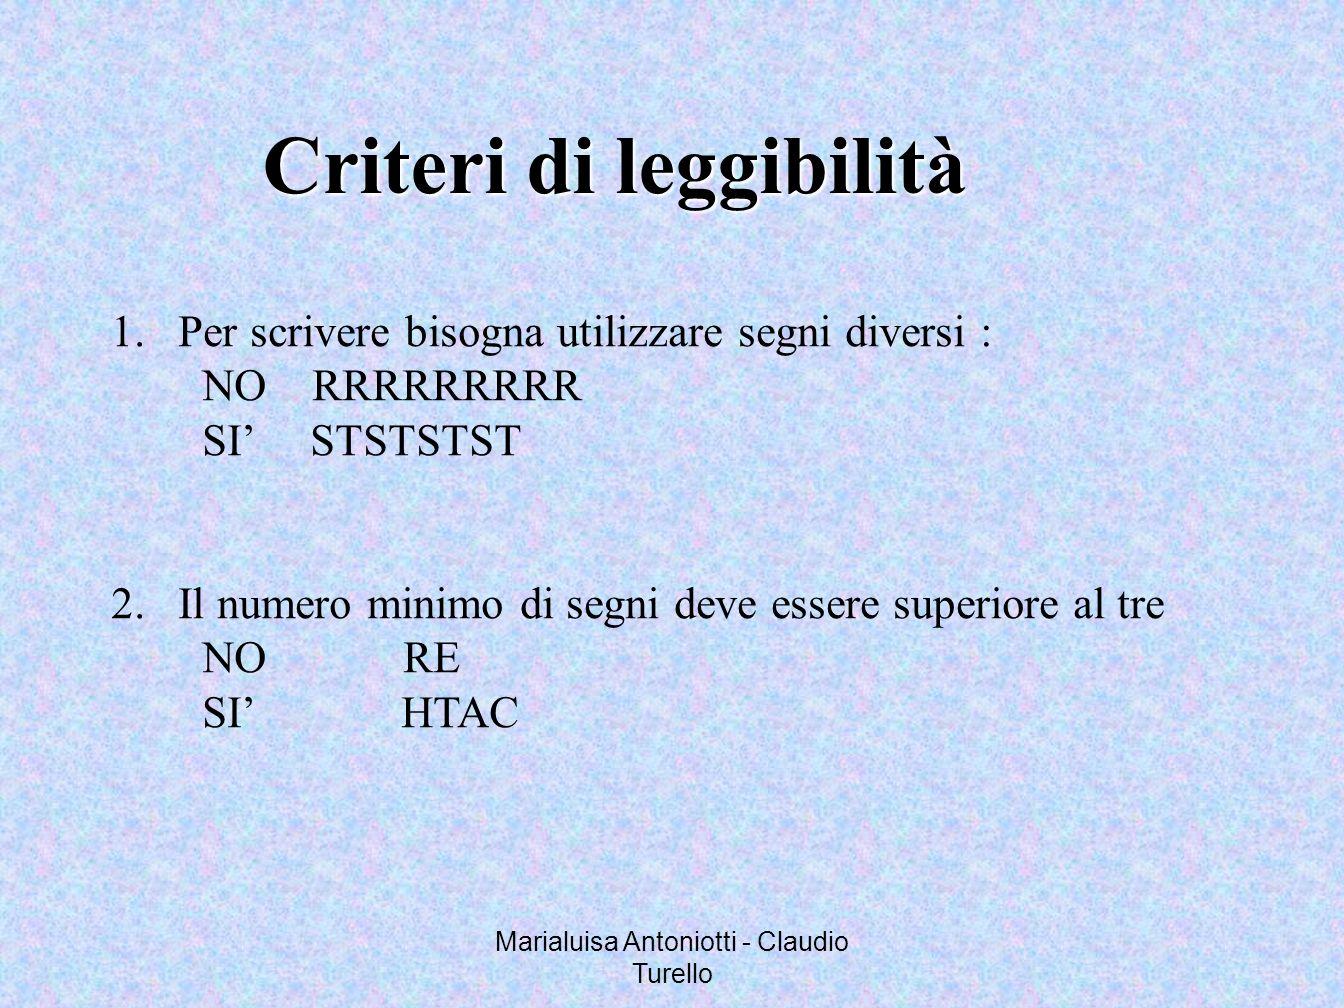 Marialuisa Antoniotti - Claudio Turello Criteri di leggibilità 1.Per scrivere bisogna utilizzare segni diversi : NO RRRRRRRRR SI STSTSTST 2.Il numero